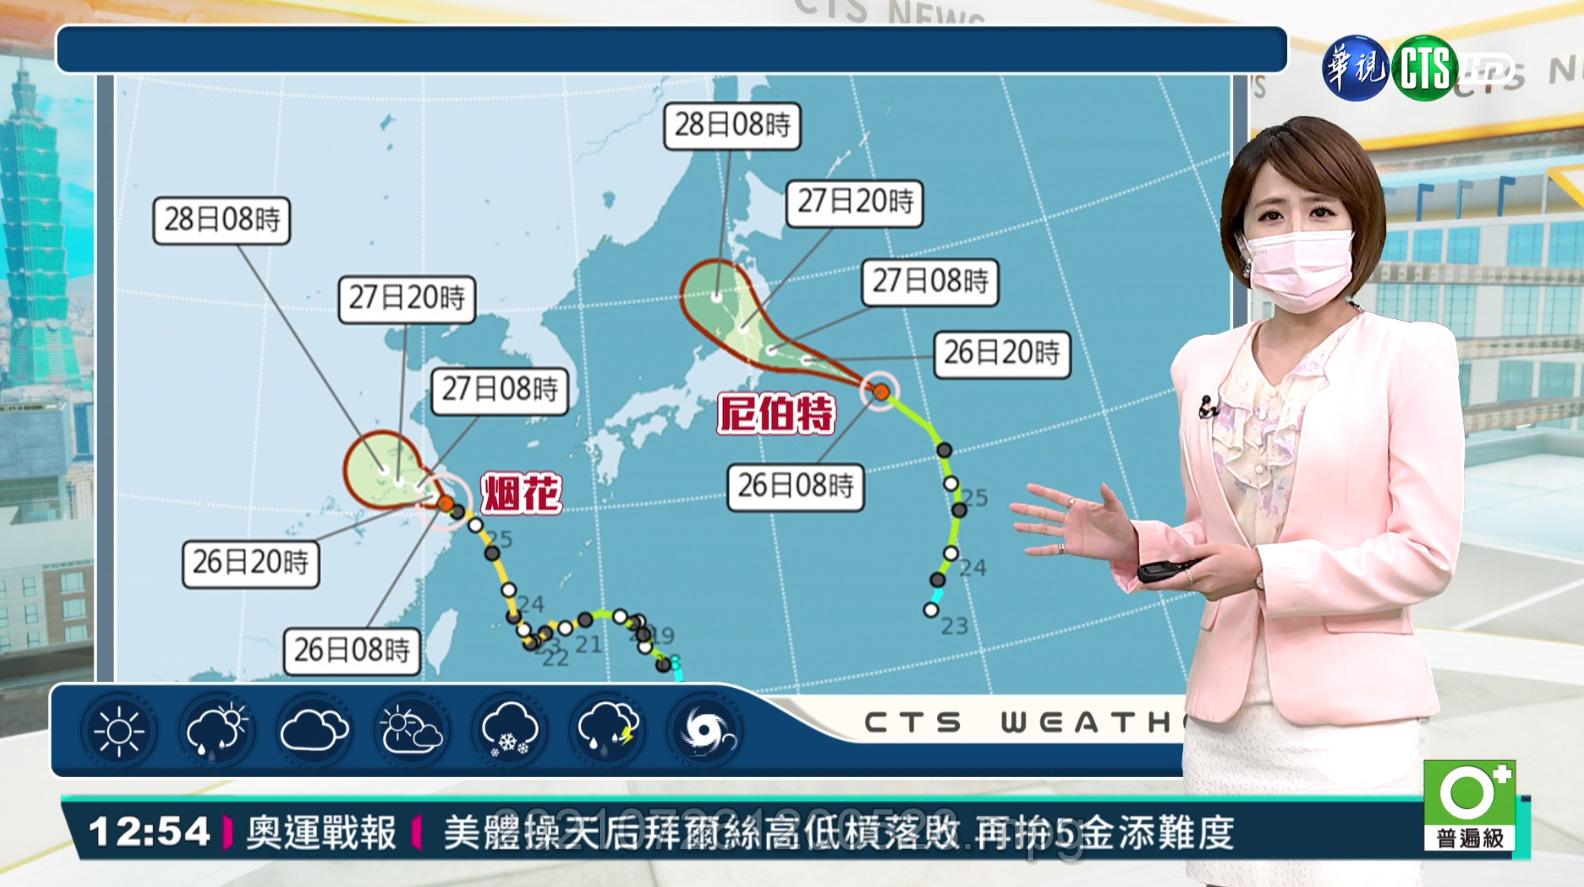 西南風苗栗以南多雨 北東炎熱東南部焚風